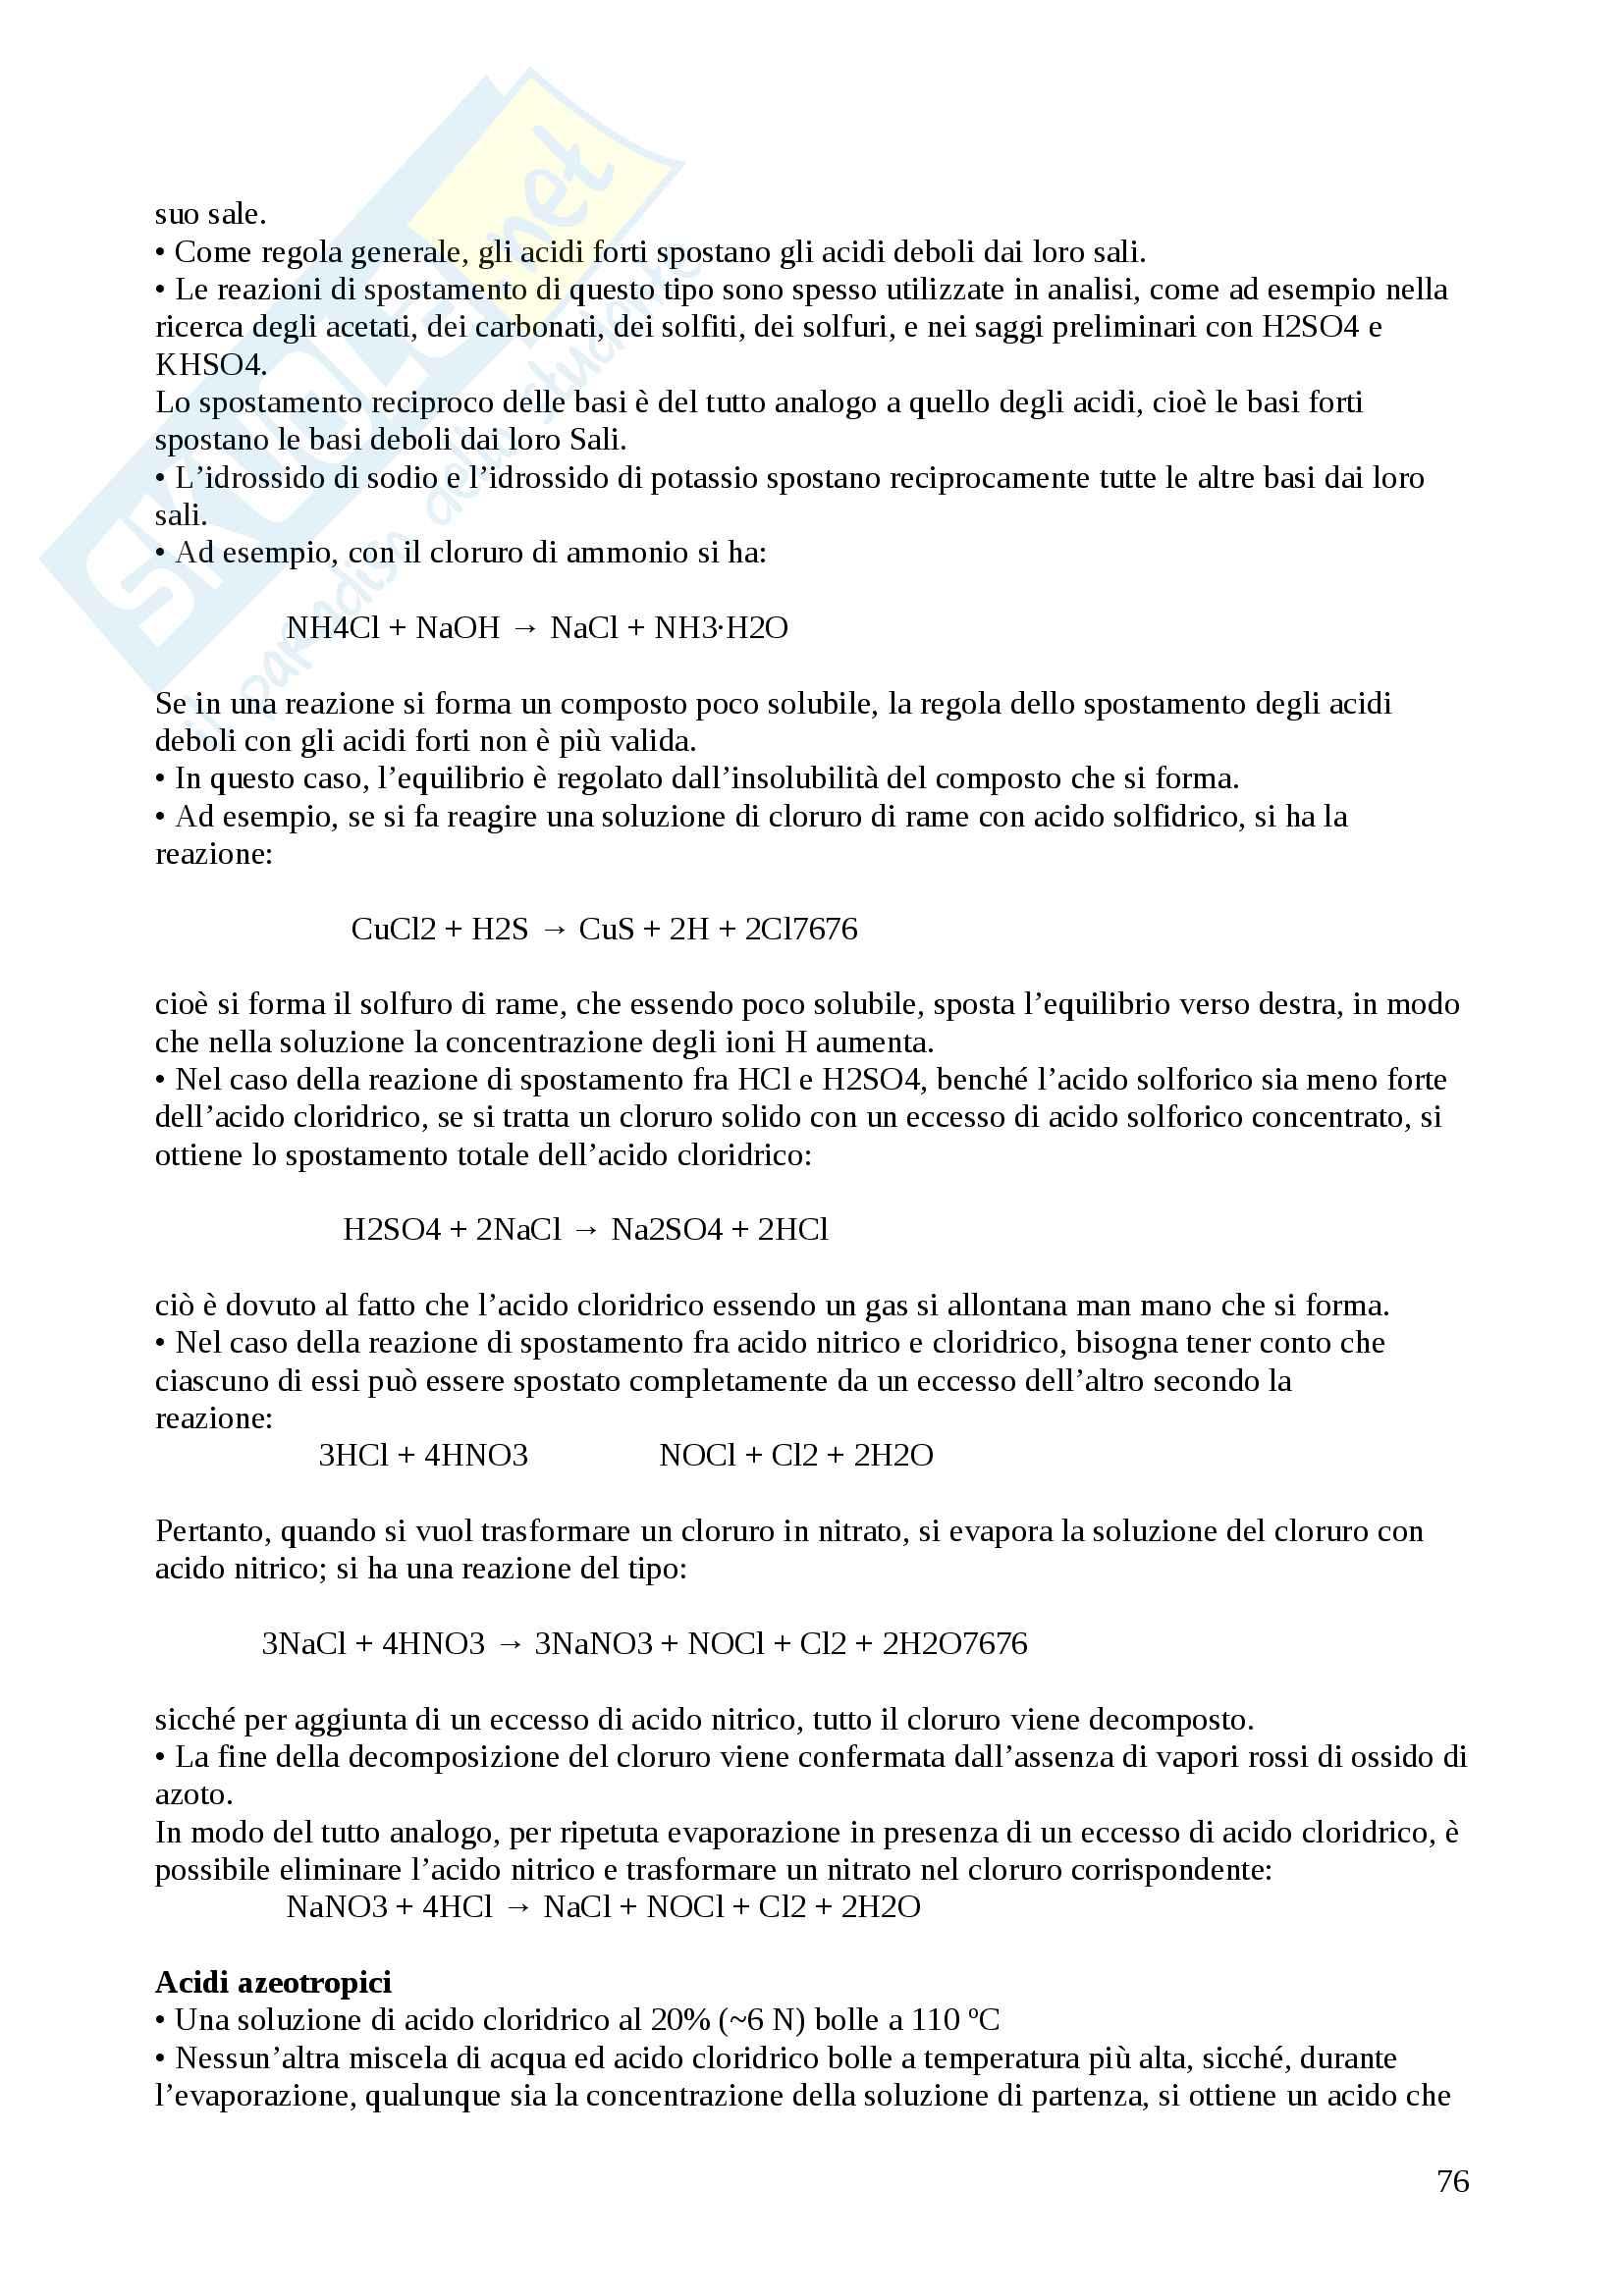 Analisi chimico farmaceutica e tossicologica Pag. 76